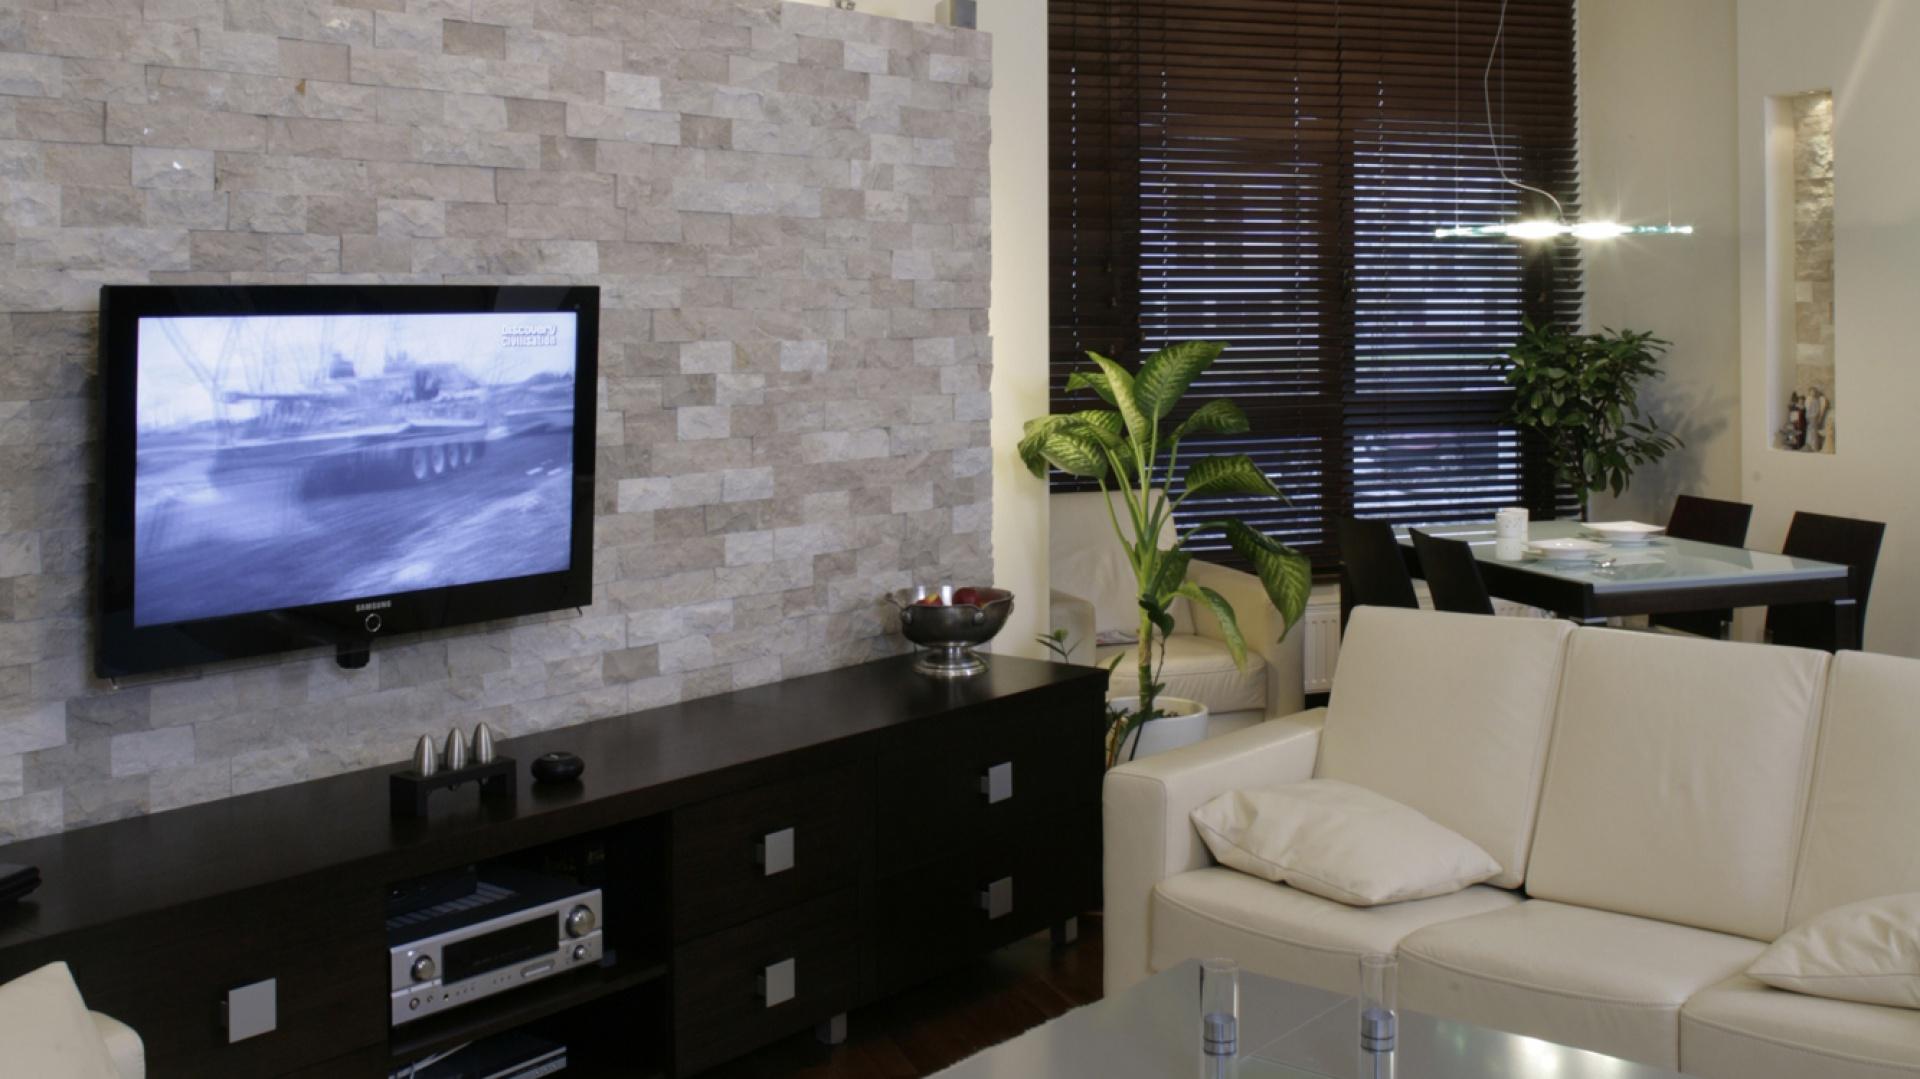 Efektownie podświetlona kamienna ściana okryta została łupanką marmurową (Breccia sardo). To zarazem główna atrakcja salonowego wnętrza, służąca za tło płaskiego ekranu telewizora i niskiej, podłużnej szafki RTV. Fot. Monika Filipiuk.